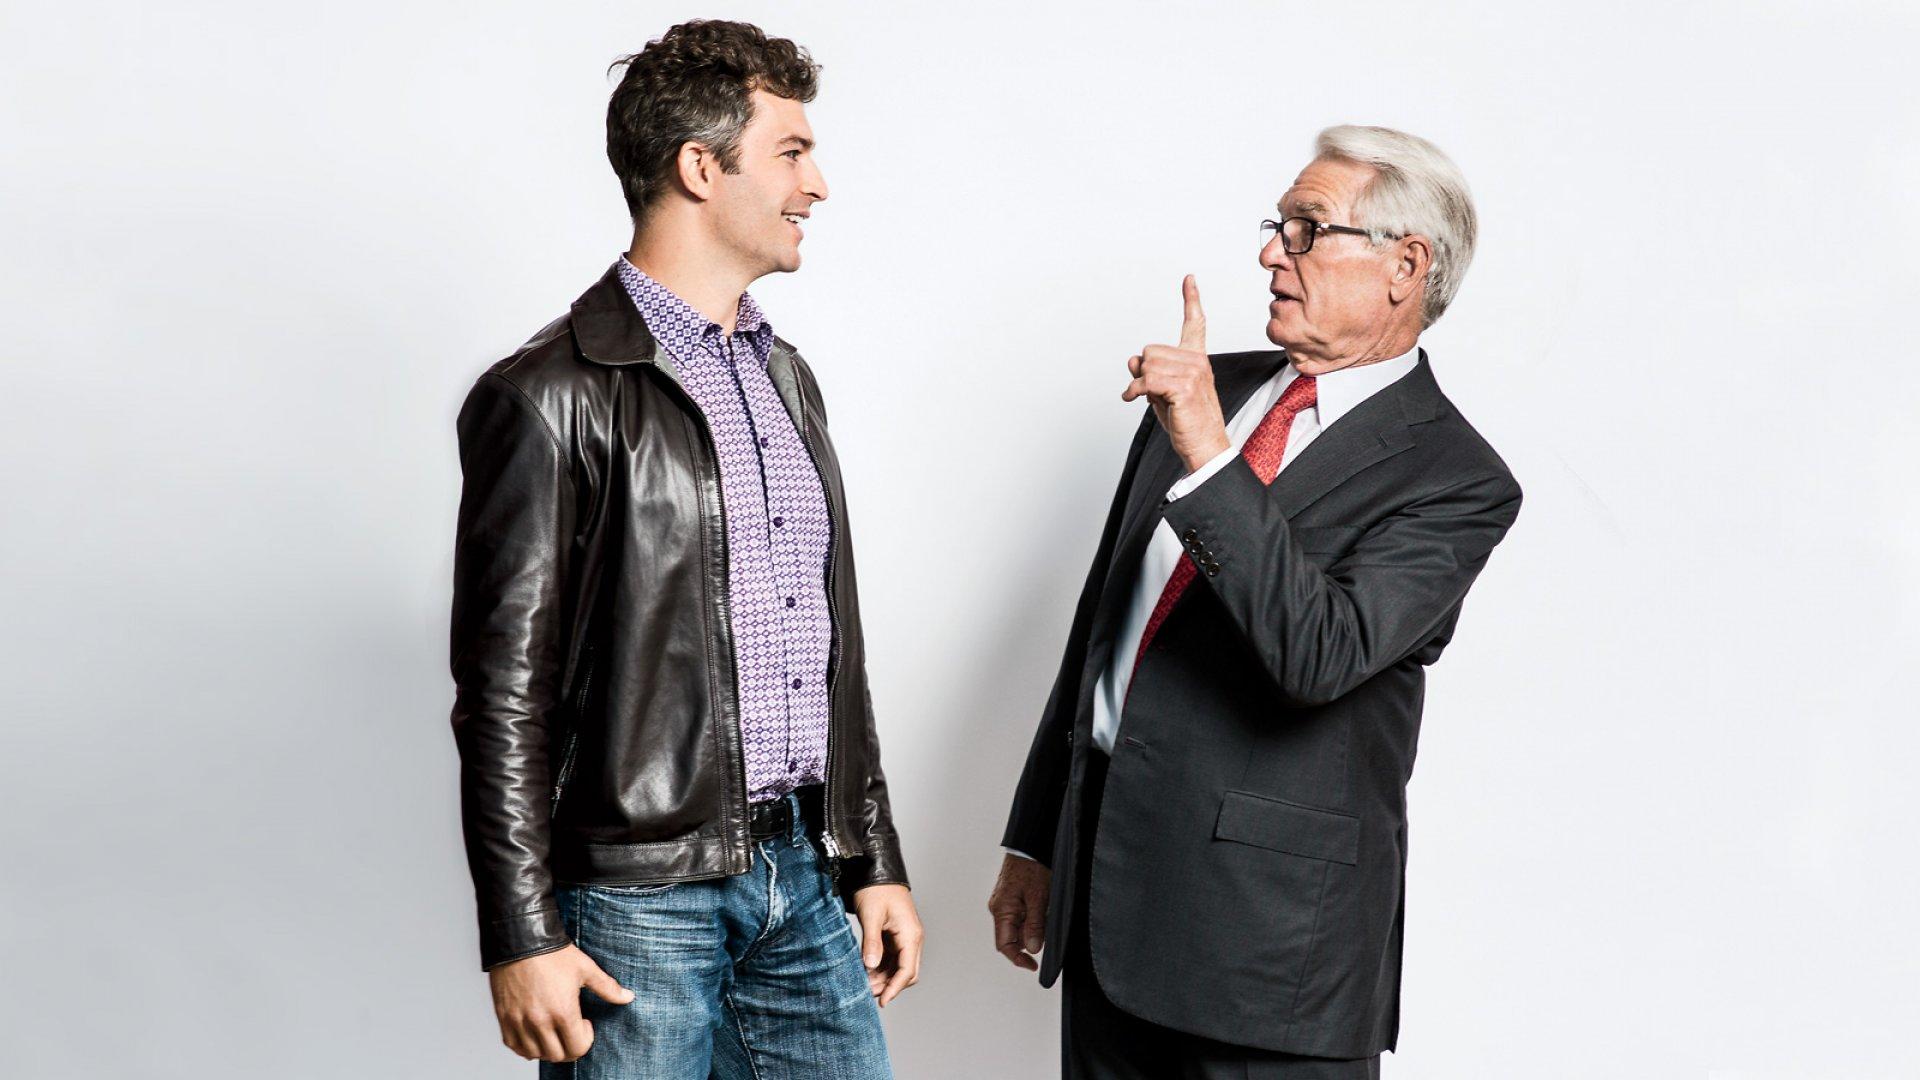 Aaron Patzer (Left) & Charles Schwab